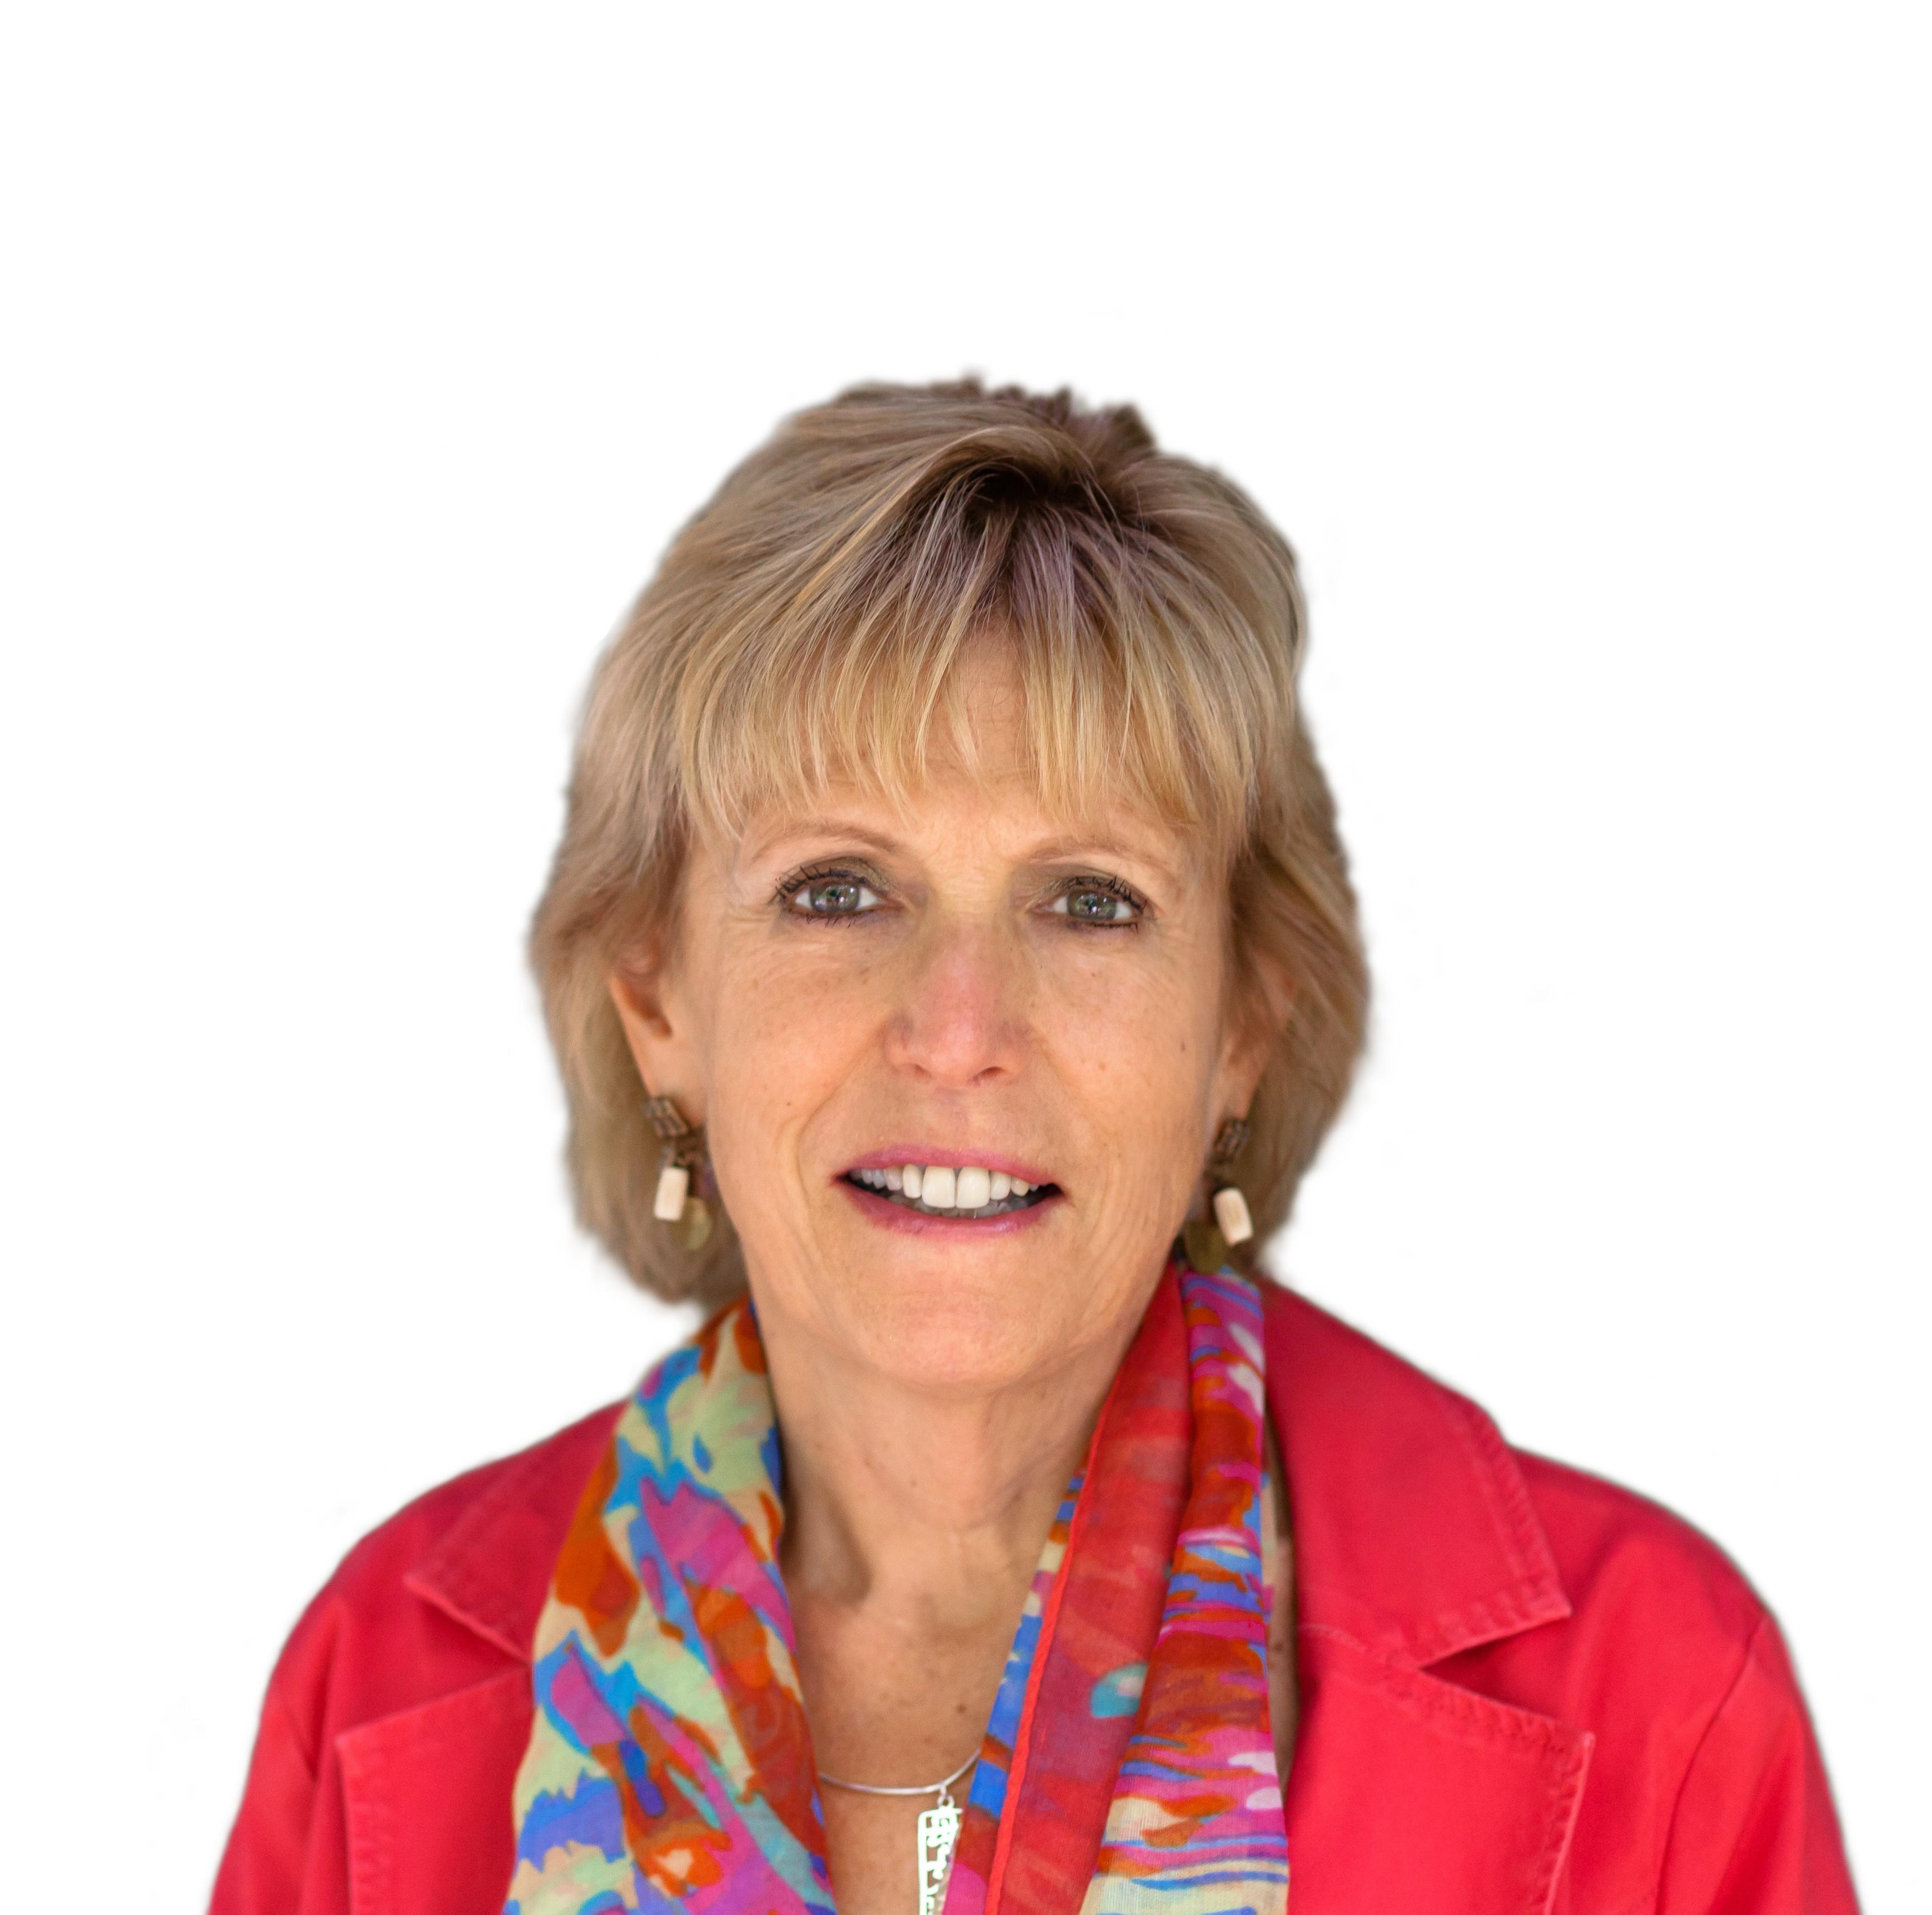 Nancy Settle-Murphy